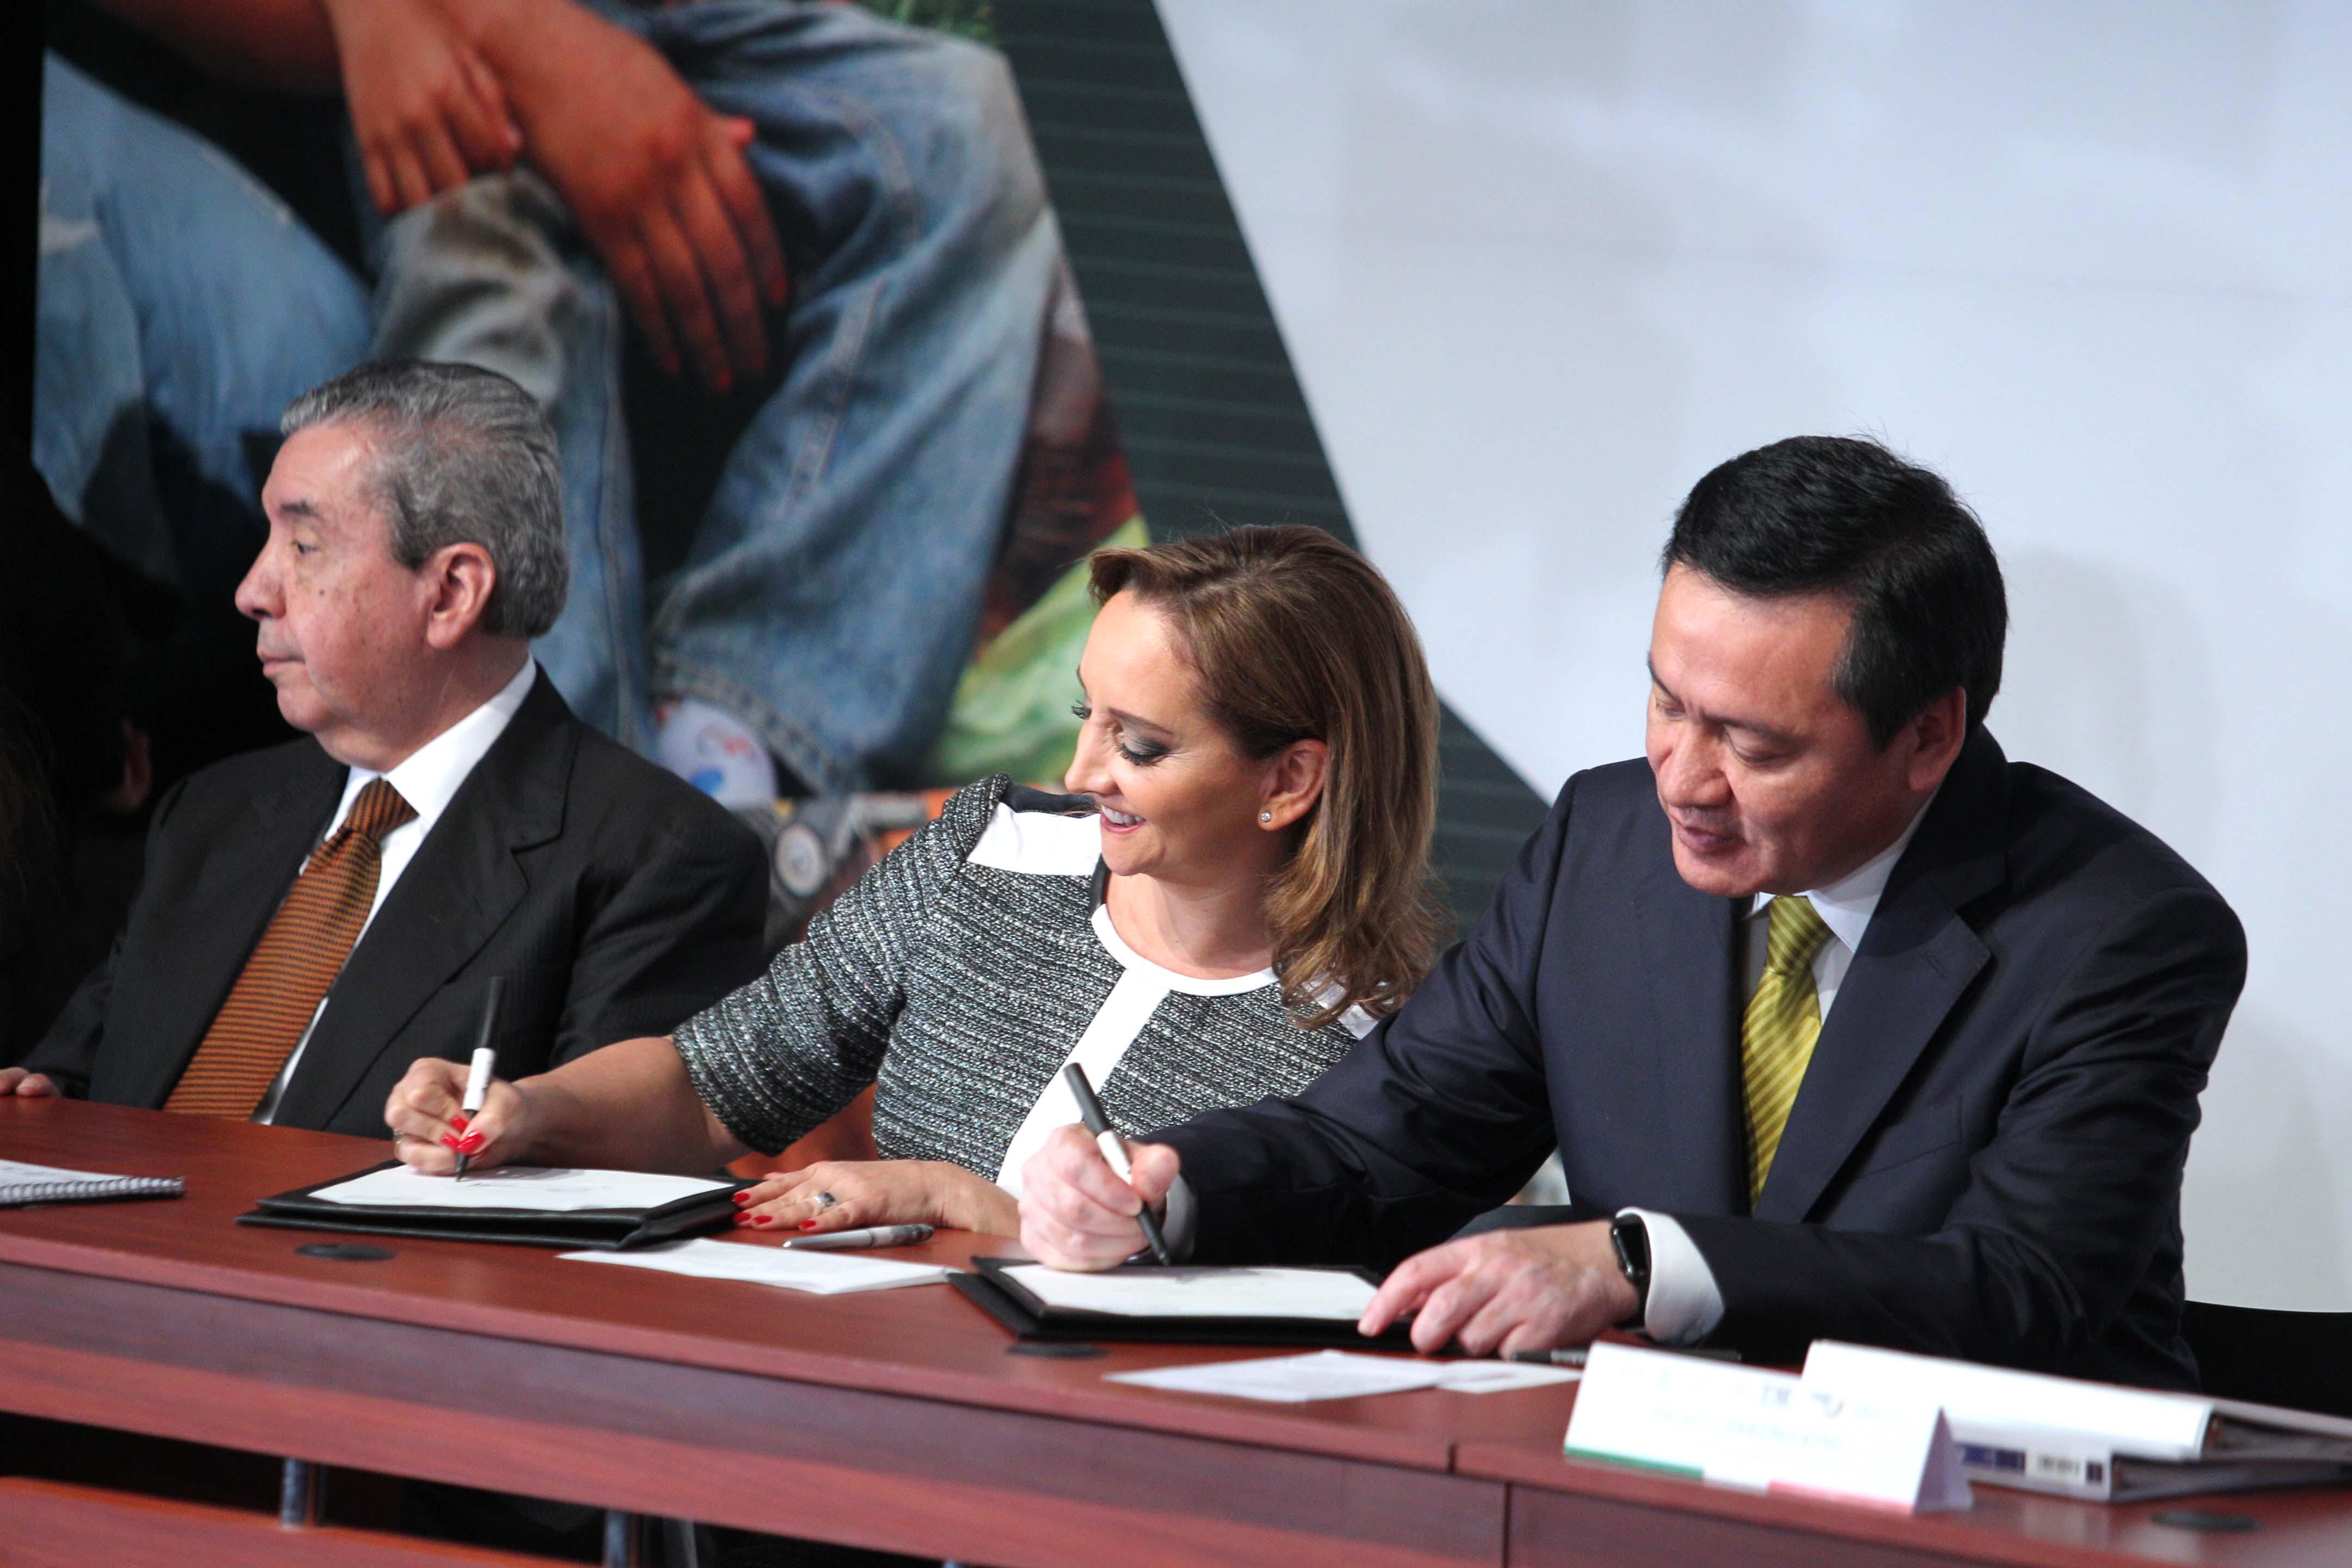 Los mexicanos cuentan con el respaldo del Gobierno mexicano, sin importar donde se encuentren: Osorio Chong